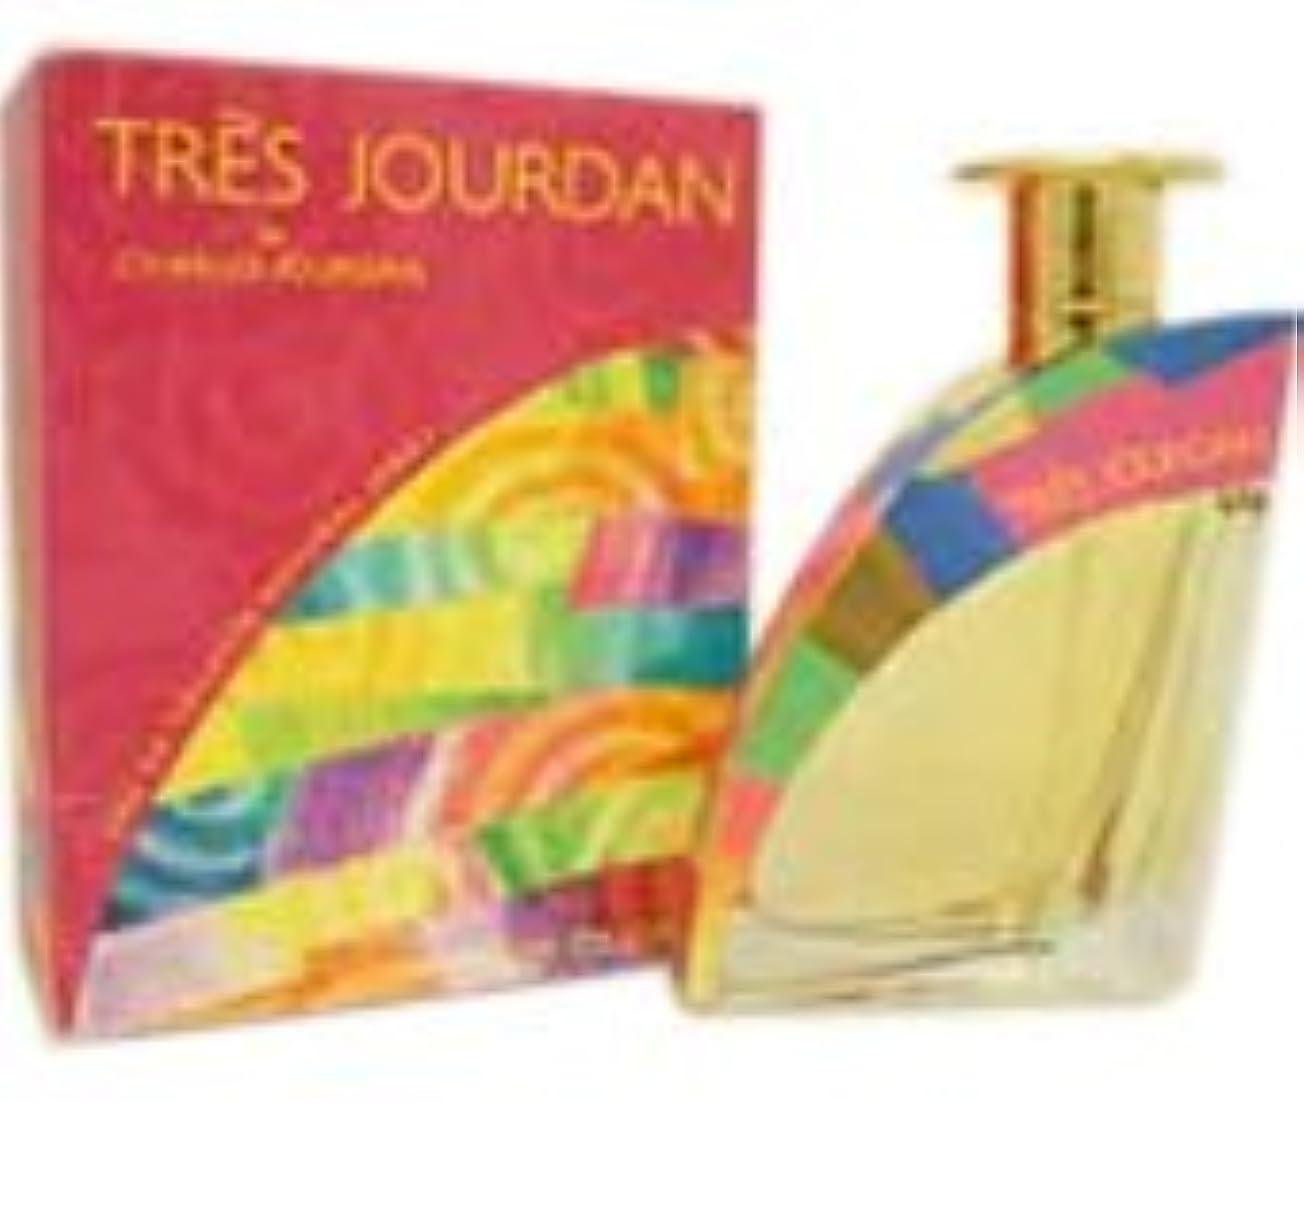 ごめんなさい顎音楽Tres Jourdan (トレス ジョーダン)  1.0 oz (30ml)  EDT Spray for Women